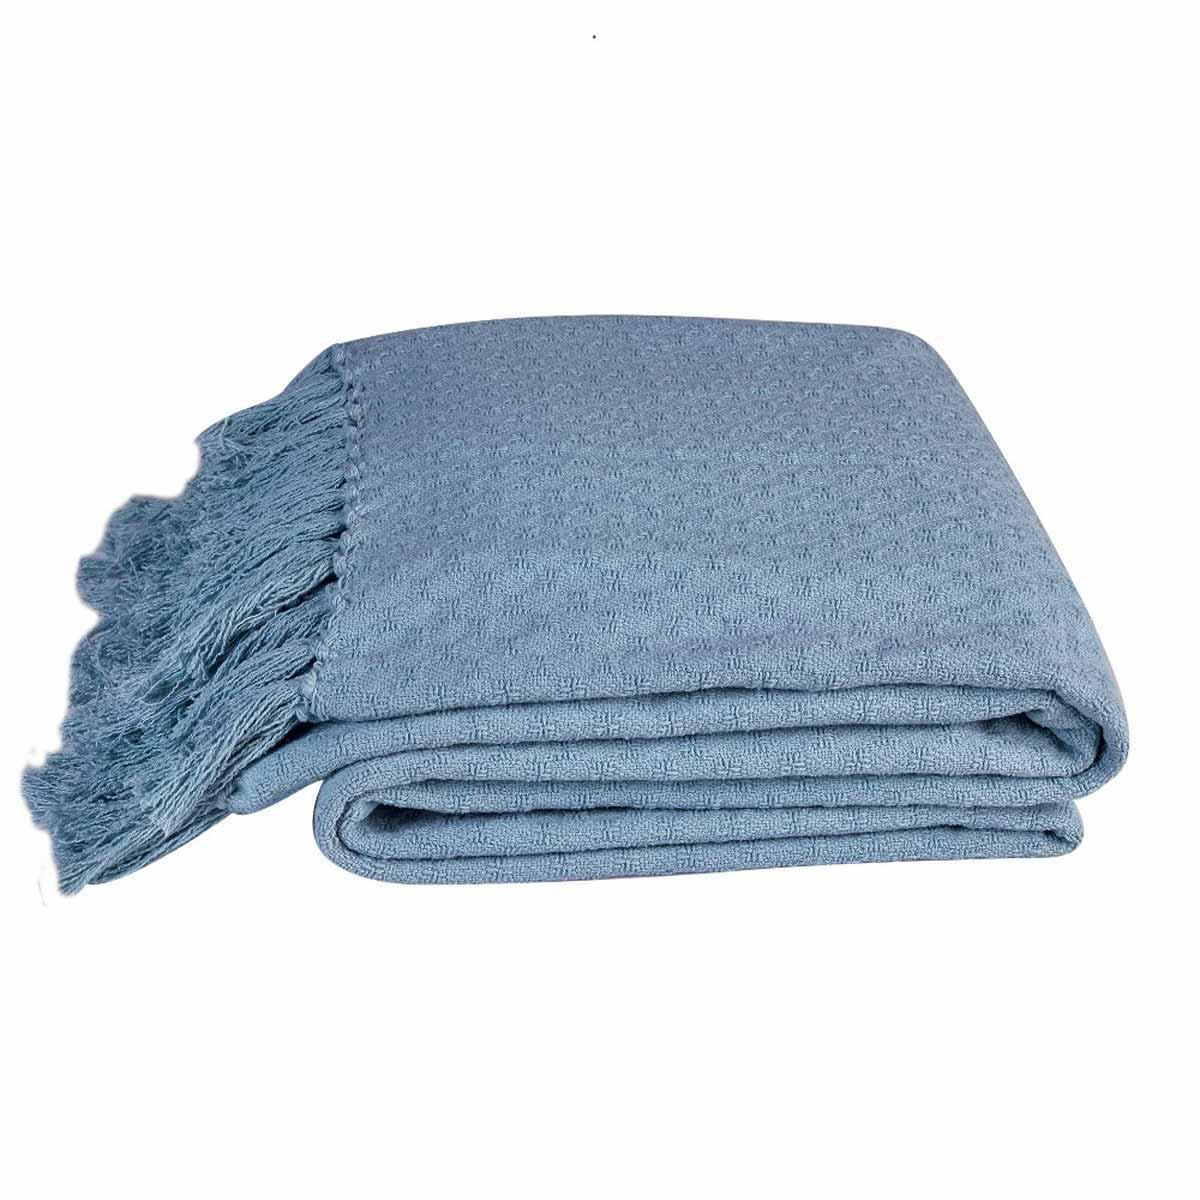 Κουβέρτα Πλεκτή Υπέρδιπλο 2 Όψεων Kentia Loft Priya 19